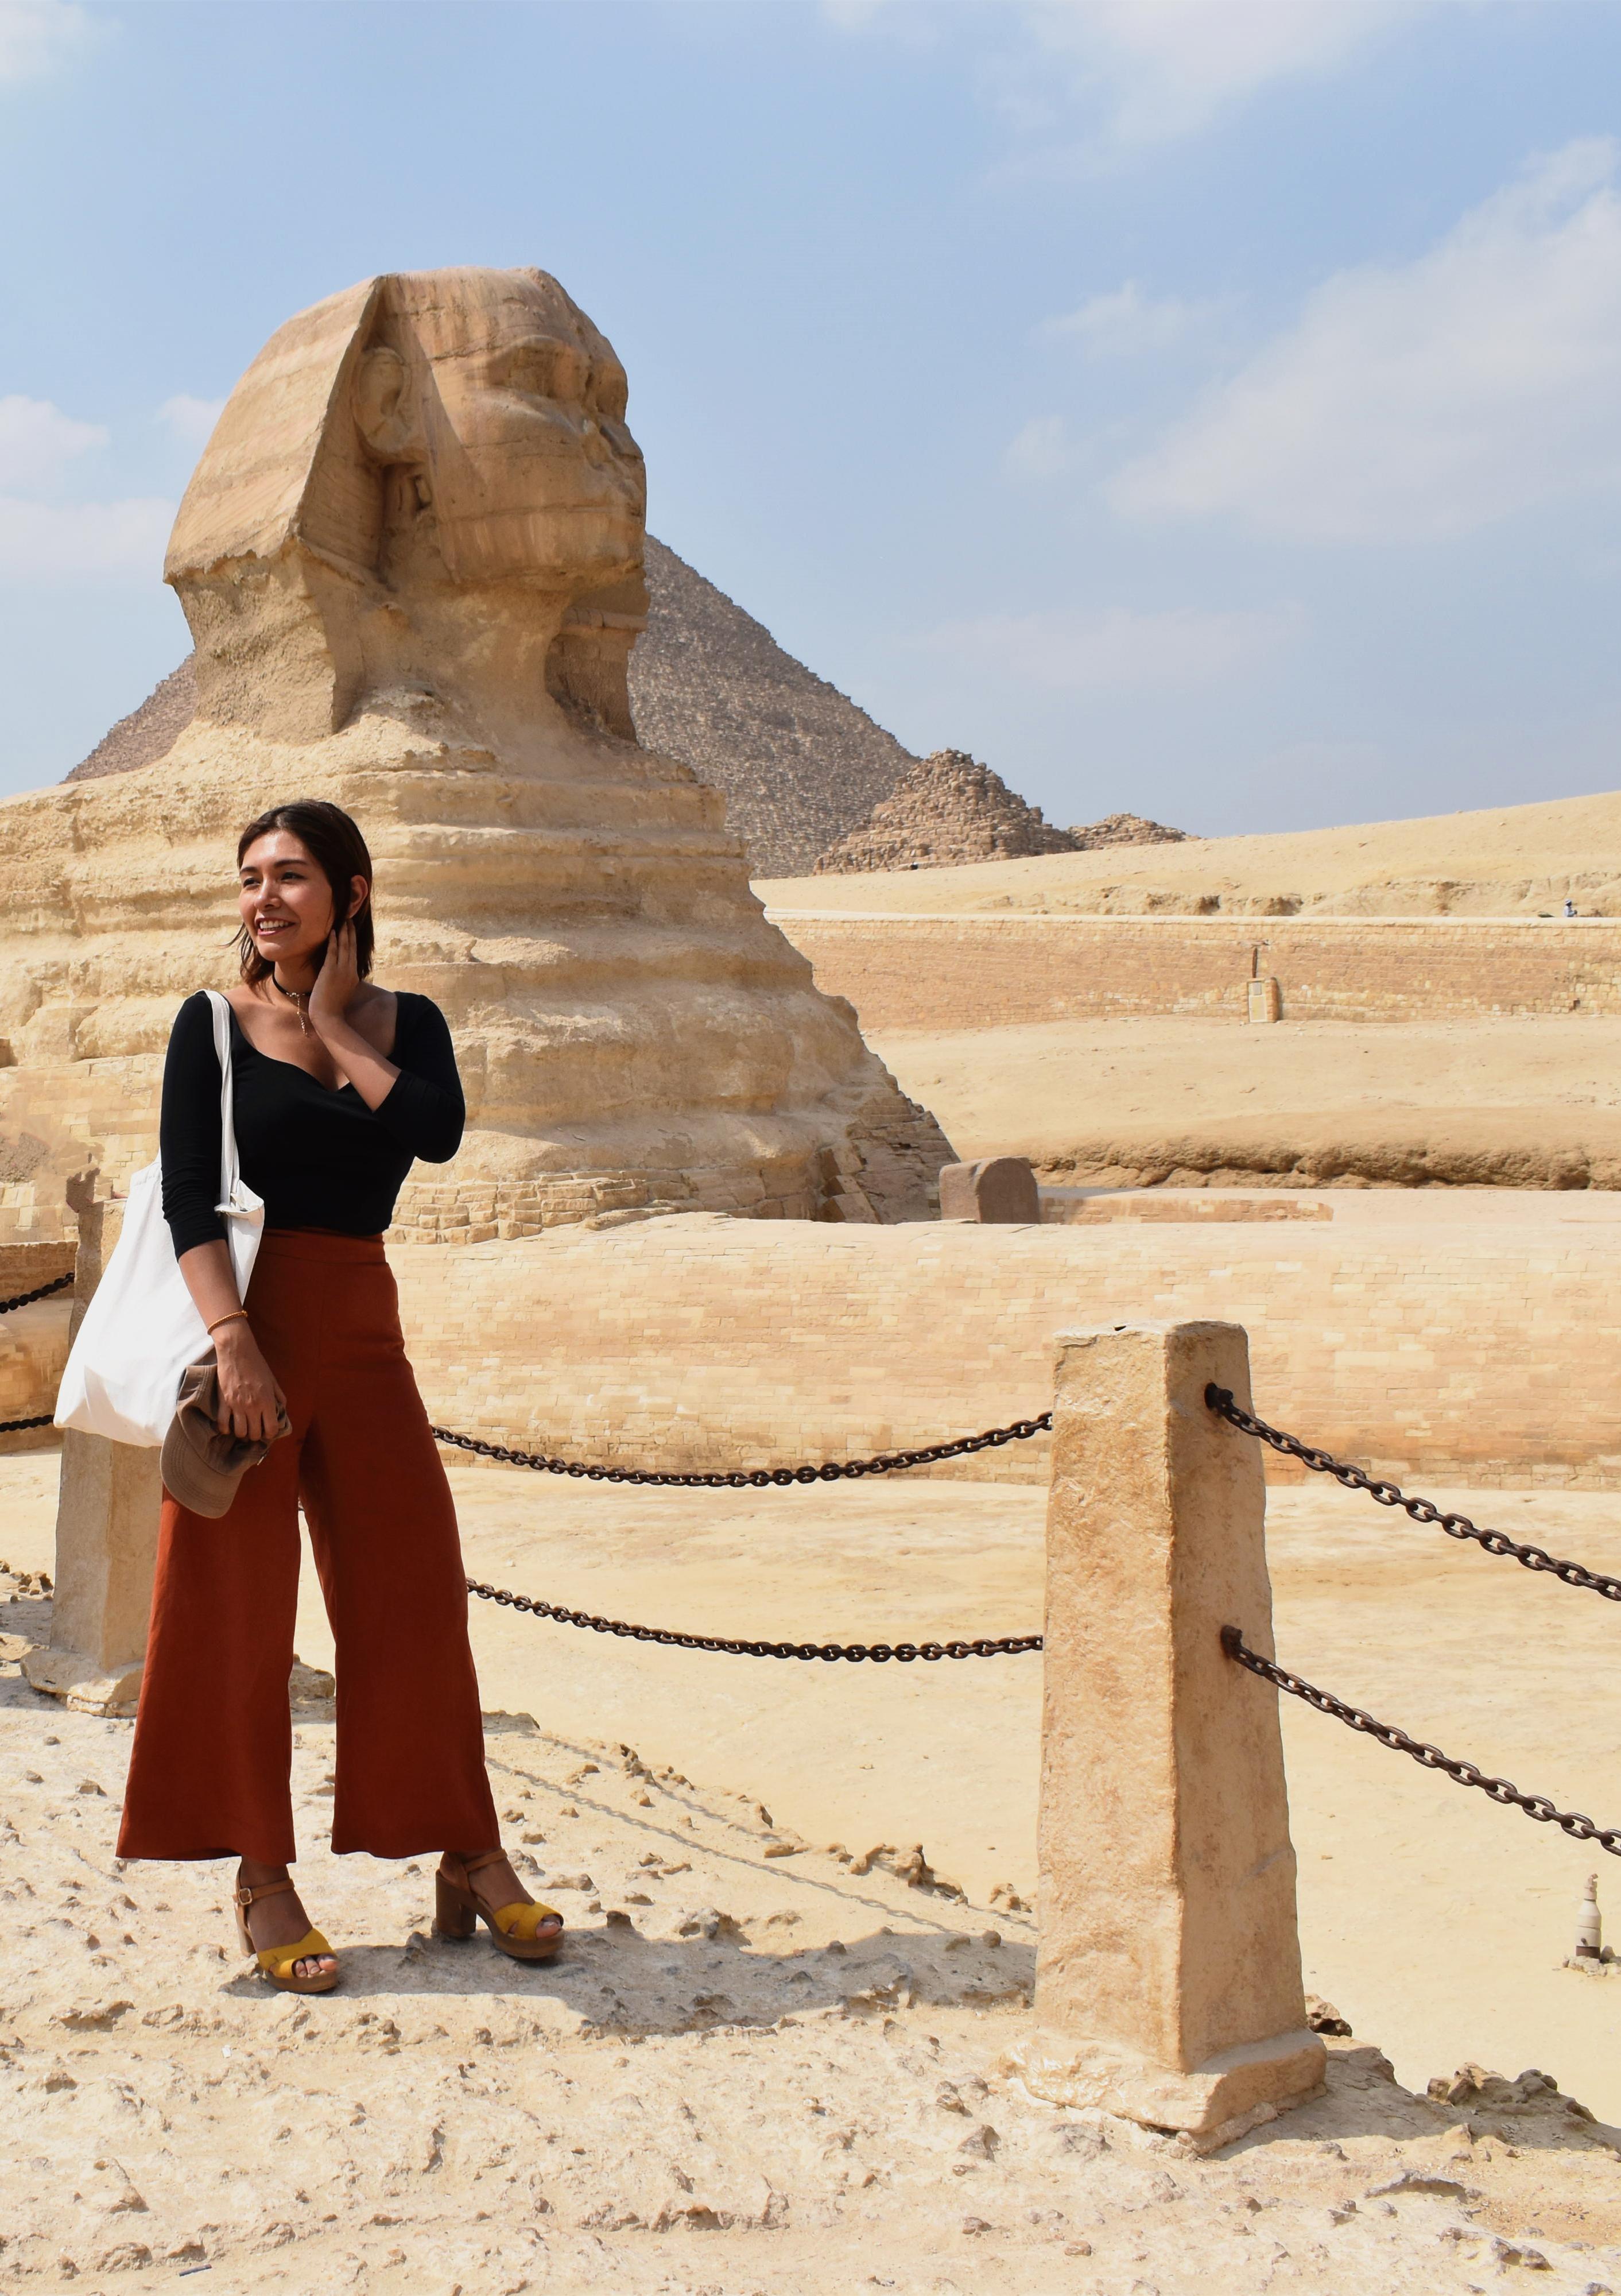 Me roaming around Egypt